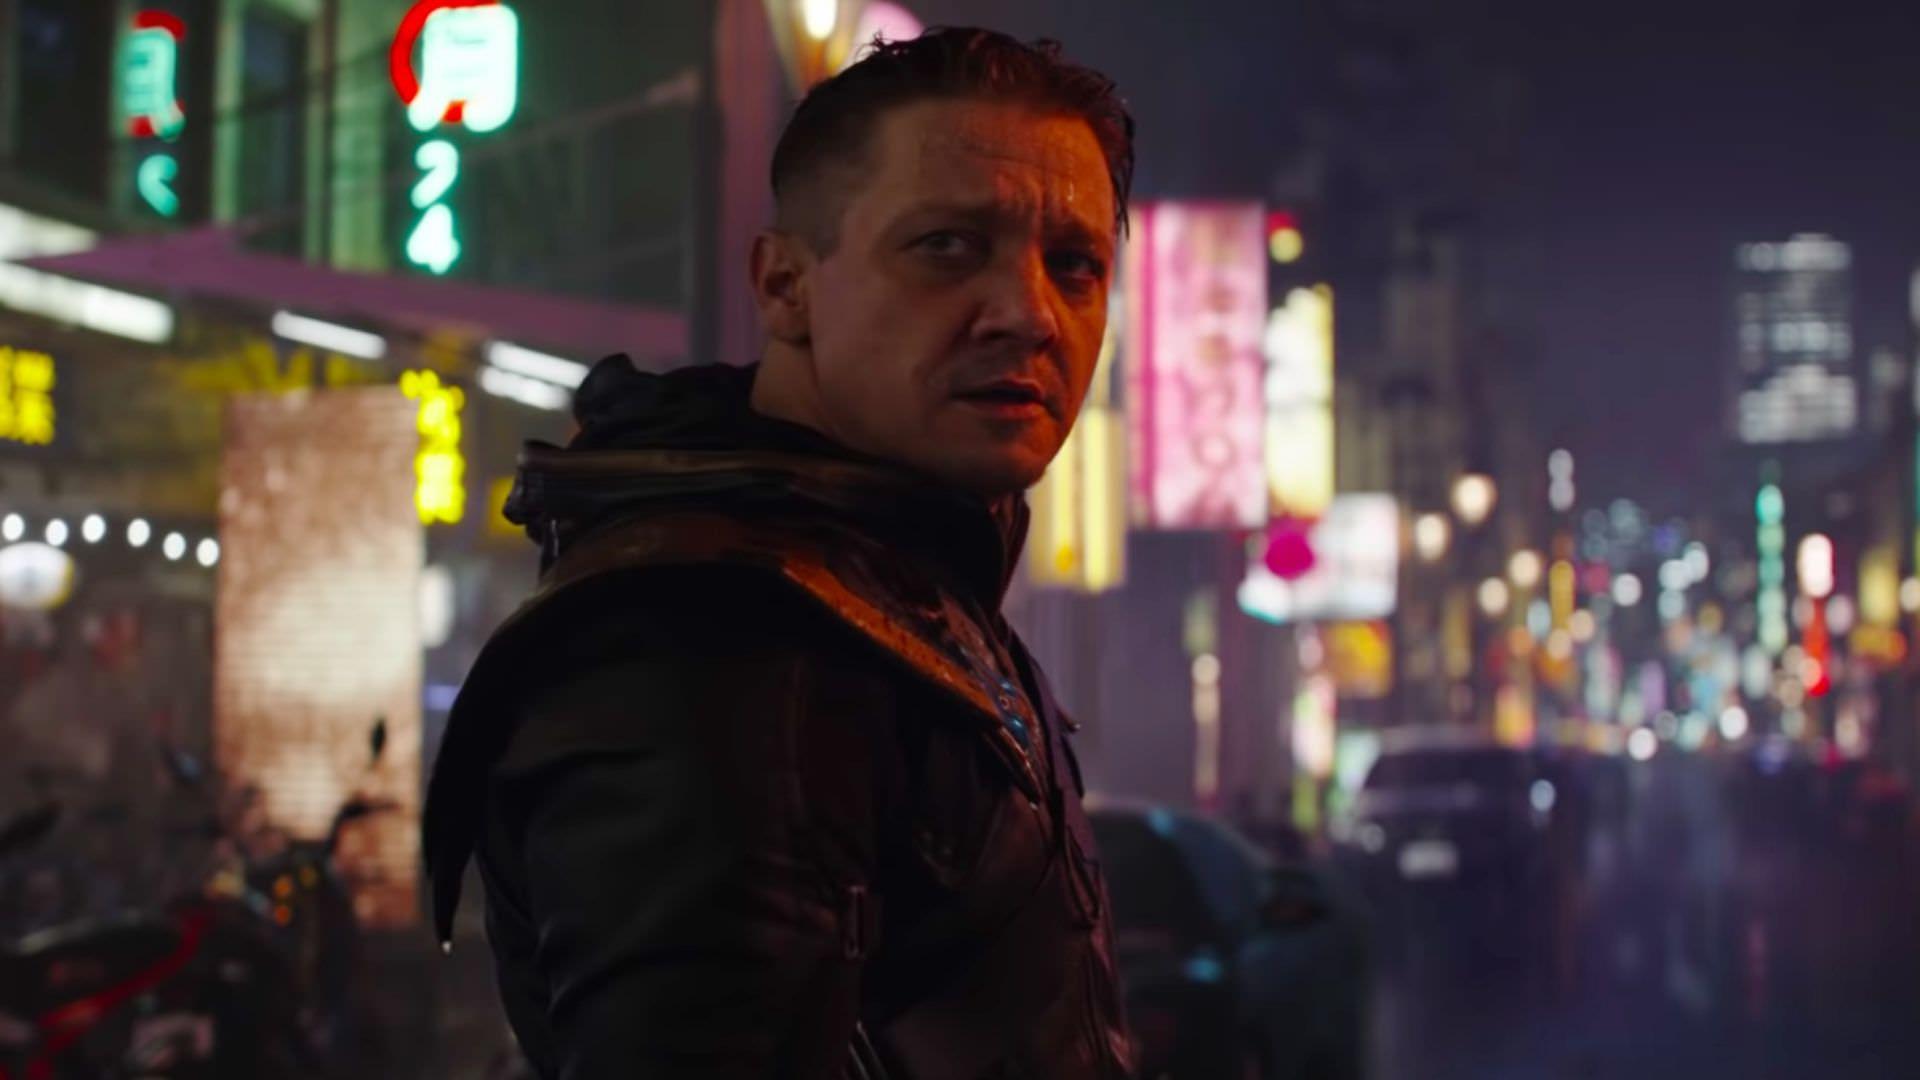 جرمی رنر تصویری از صورت آسیب دیده خود از پشت صحنه سریال Hawkeye را منتشر کرد